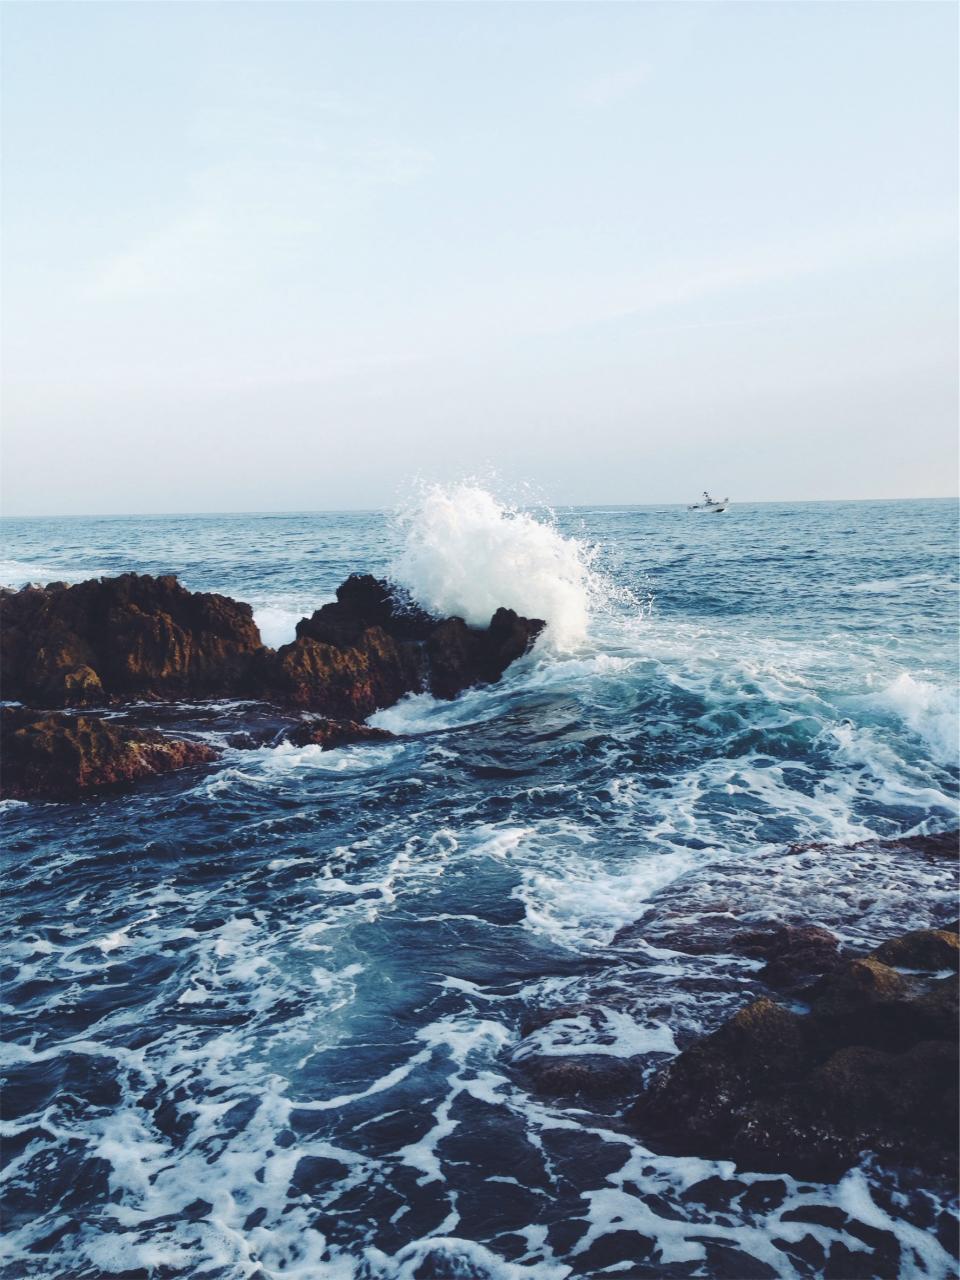 waves, ocean, sea, water, splash, rocks